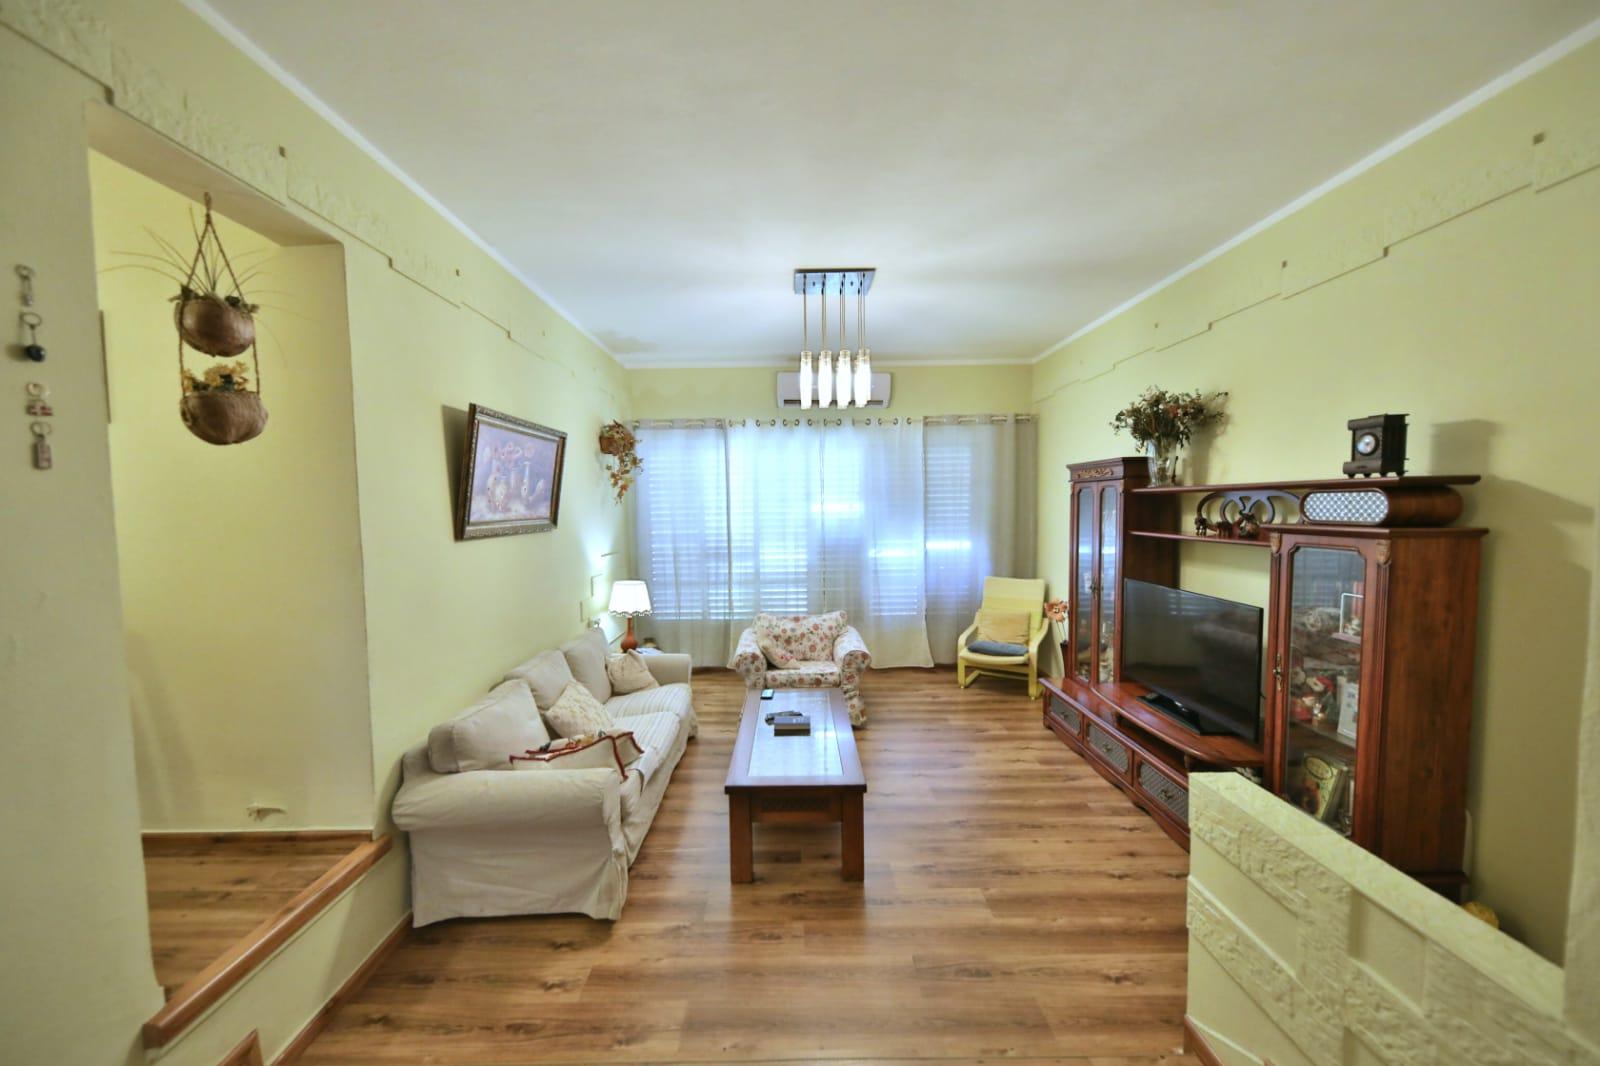 דירה משופצת טובה להשקעה או מגורים